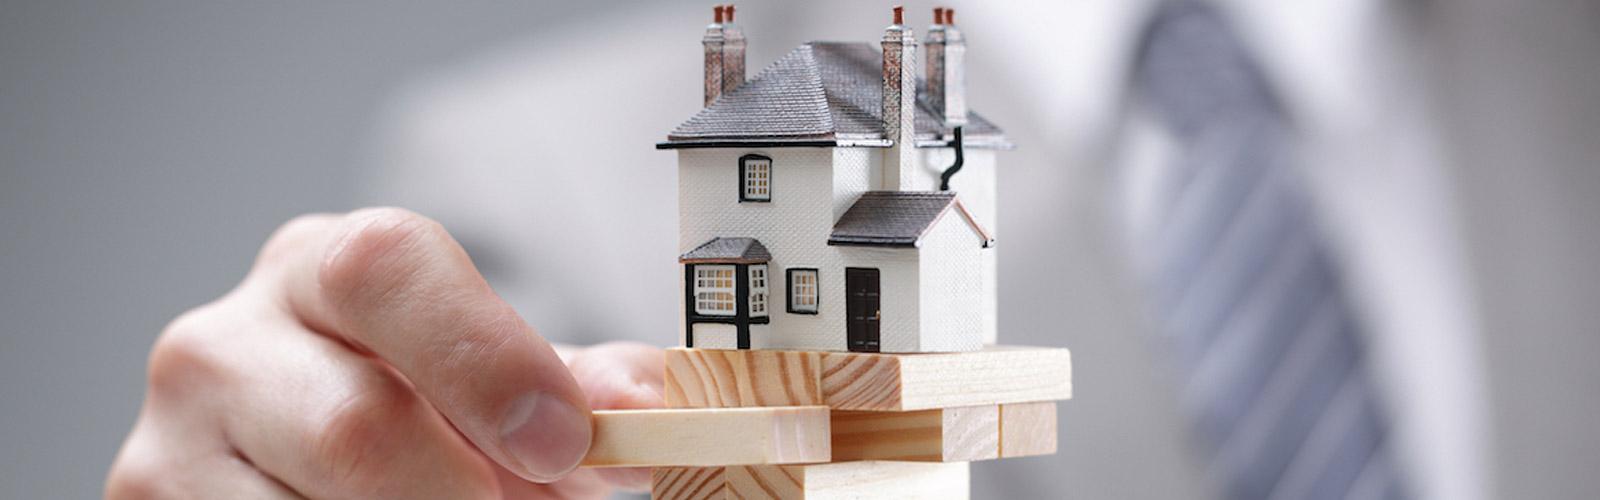 Servicio de Asesoría Legal en Hipotecas - DerechoInmobiliario.pe